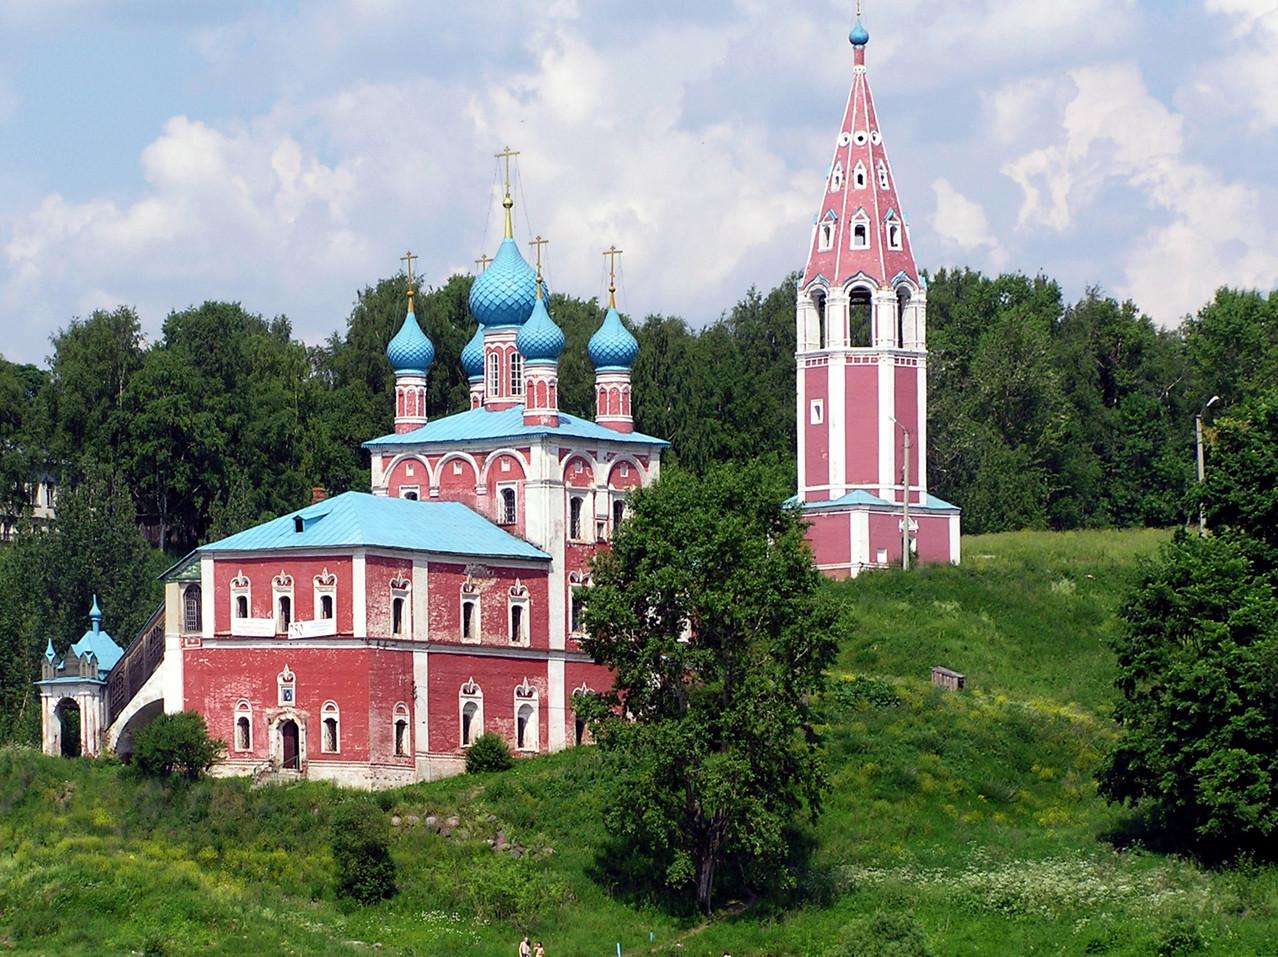 ... und etliche ufernahe Kirchen, zu deren Füßen sich die Badegäste tummeln.